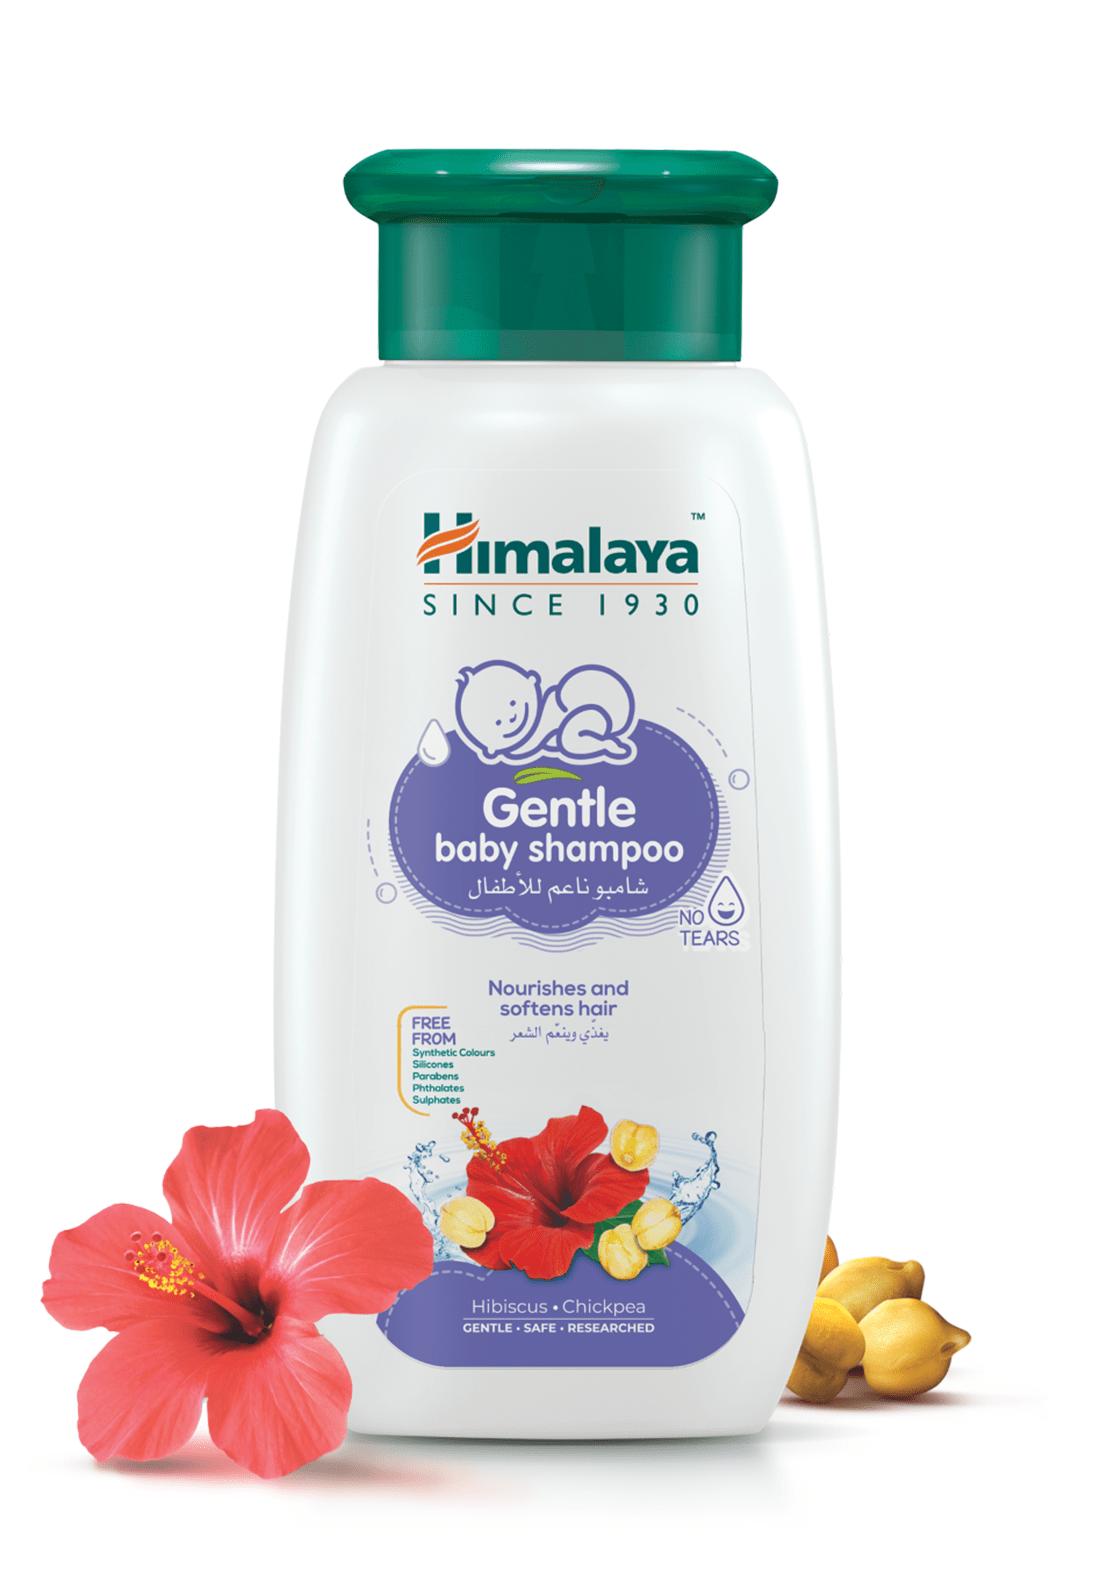 هيمالايا شامبو ناعم للأطفال 400 مل Baby Shampoo - Gentle Baby Shampoo